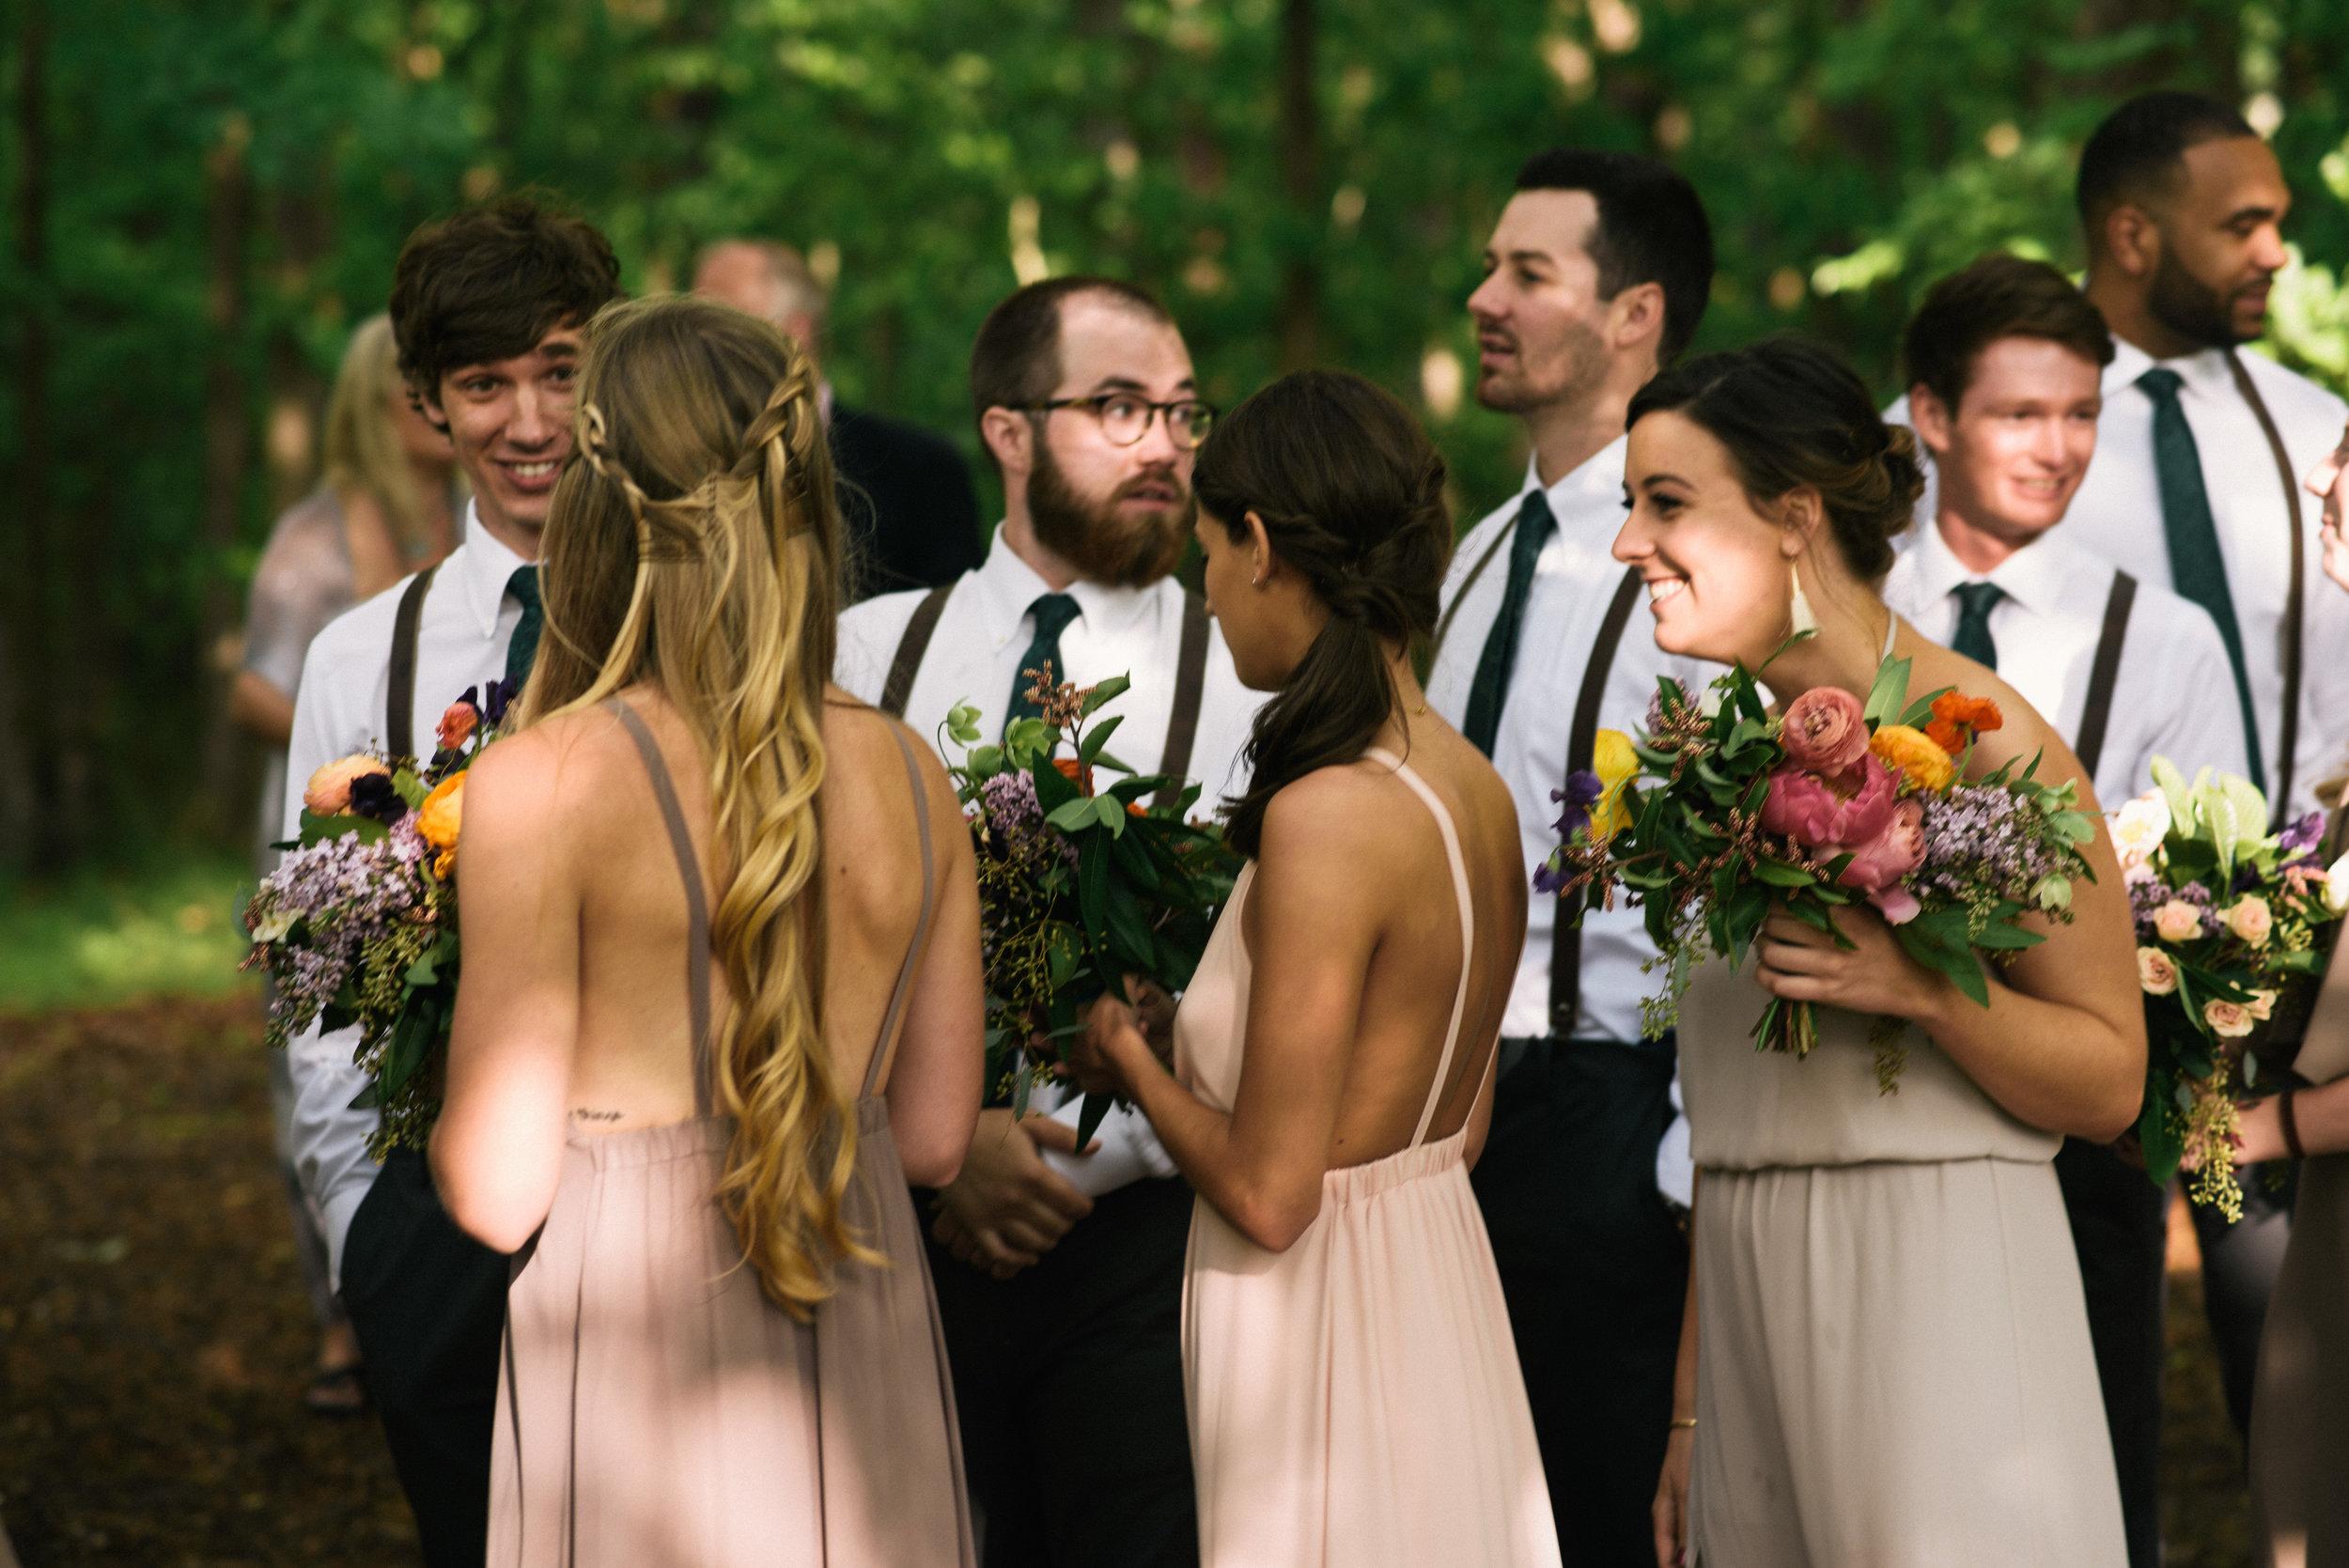 raleigh-elopement-photographer-raleigh-durham-wedding-maddie-and-devin- (90 of 162).jpg